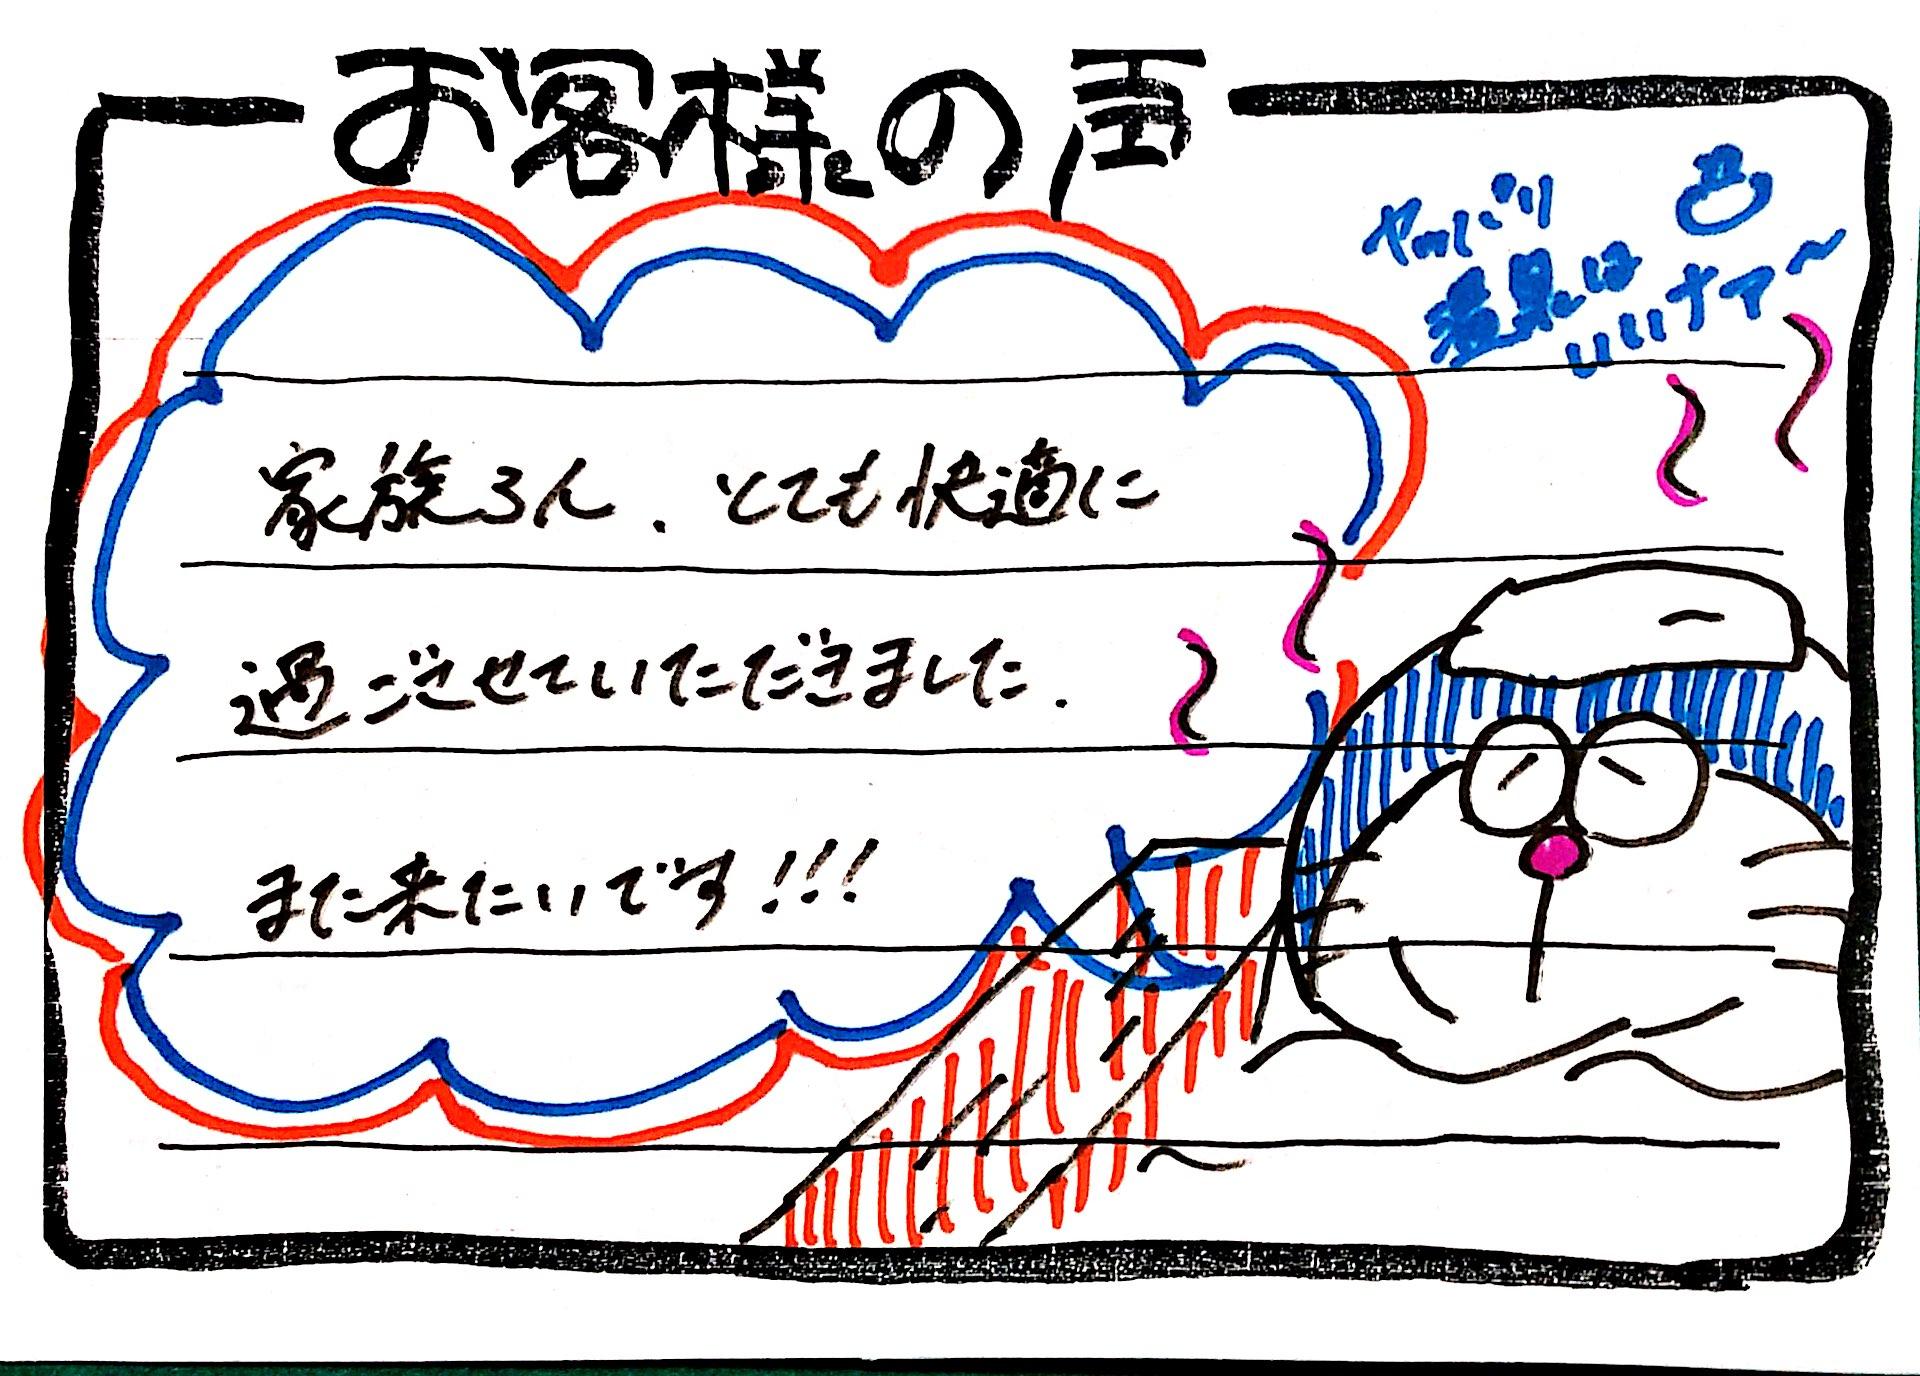 お客様の声 家族3人快適でした 栃尾又温泉自在館 どらえもんの絵